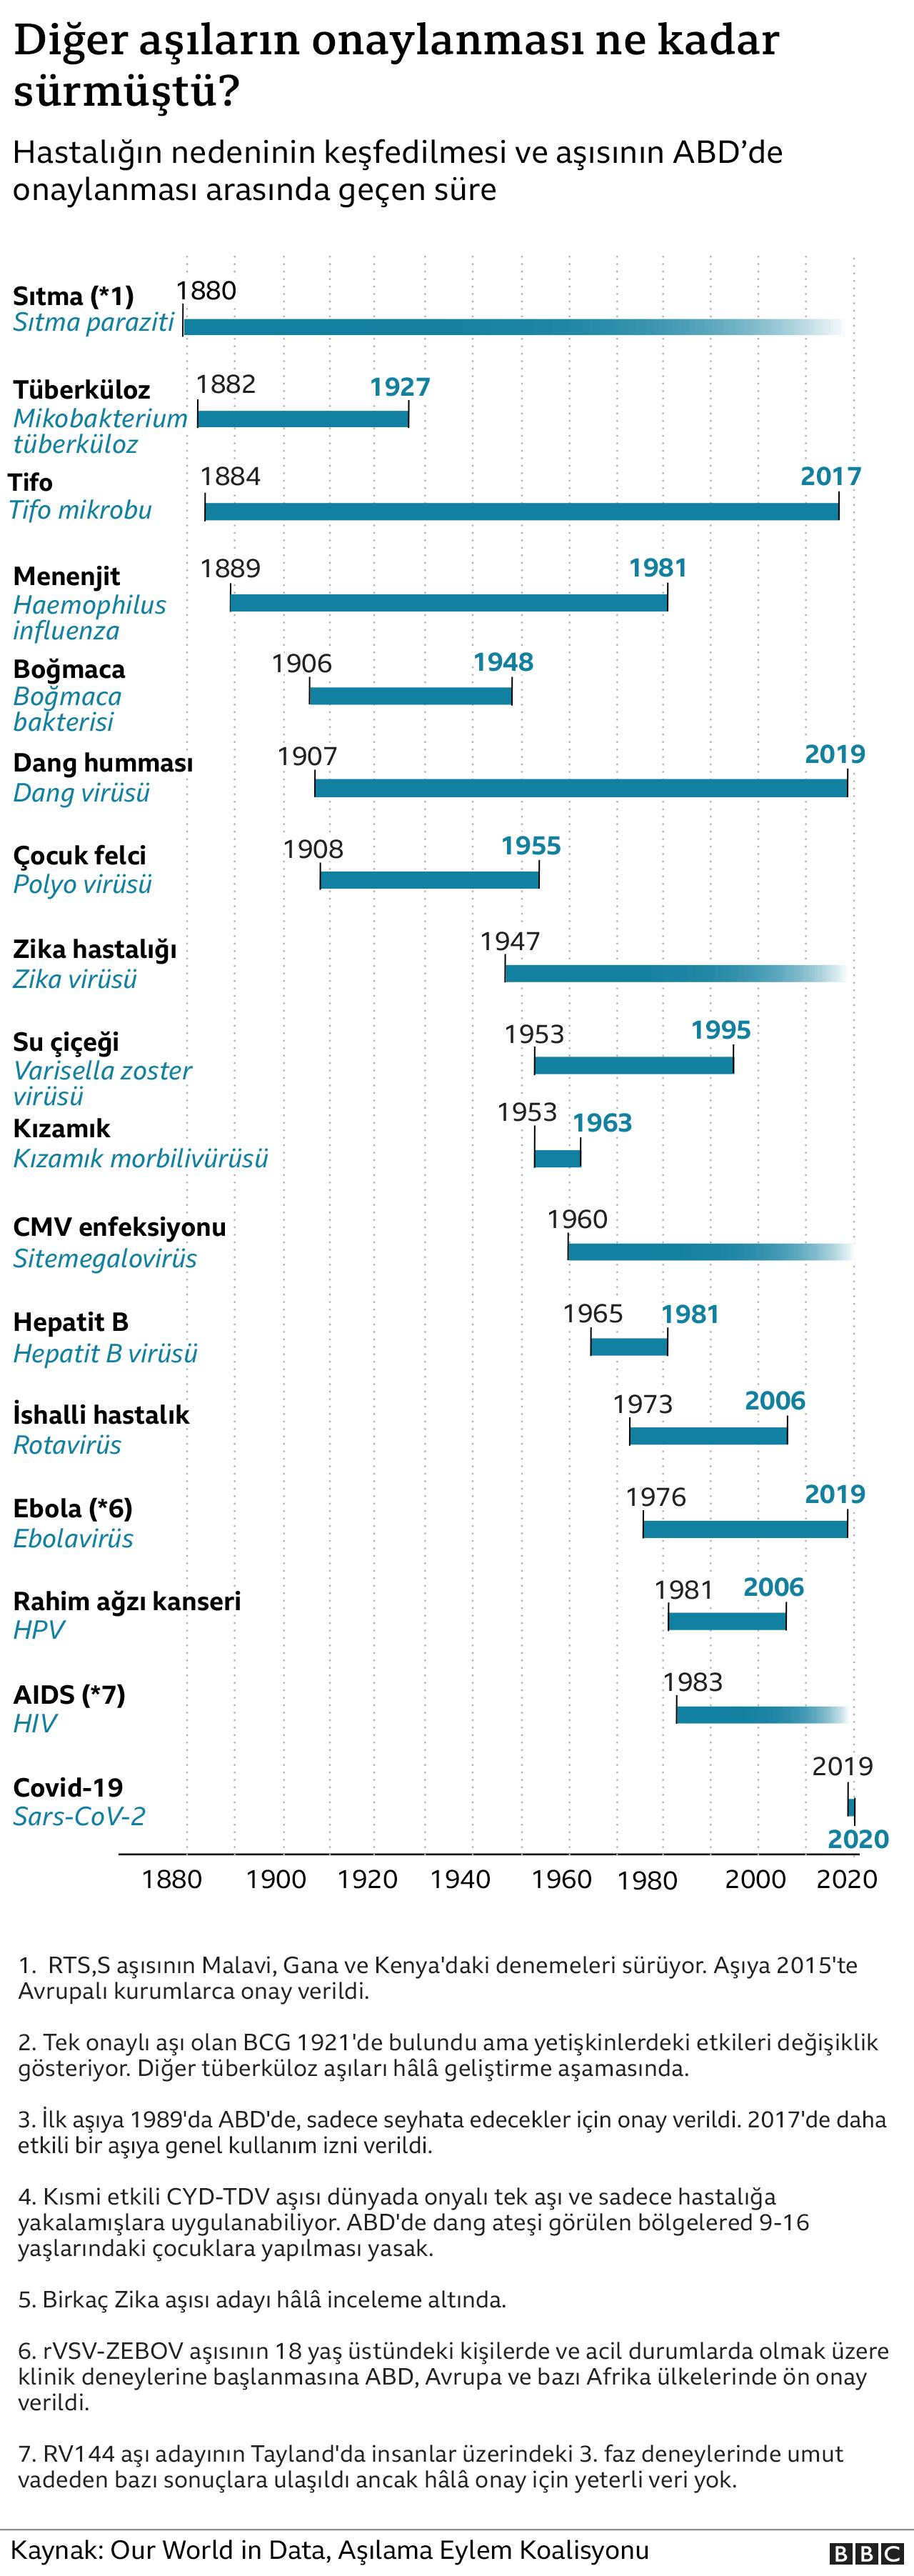 hangi aşı ne kadar sürede geliştirildi grafik